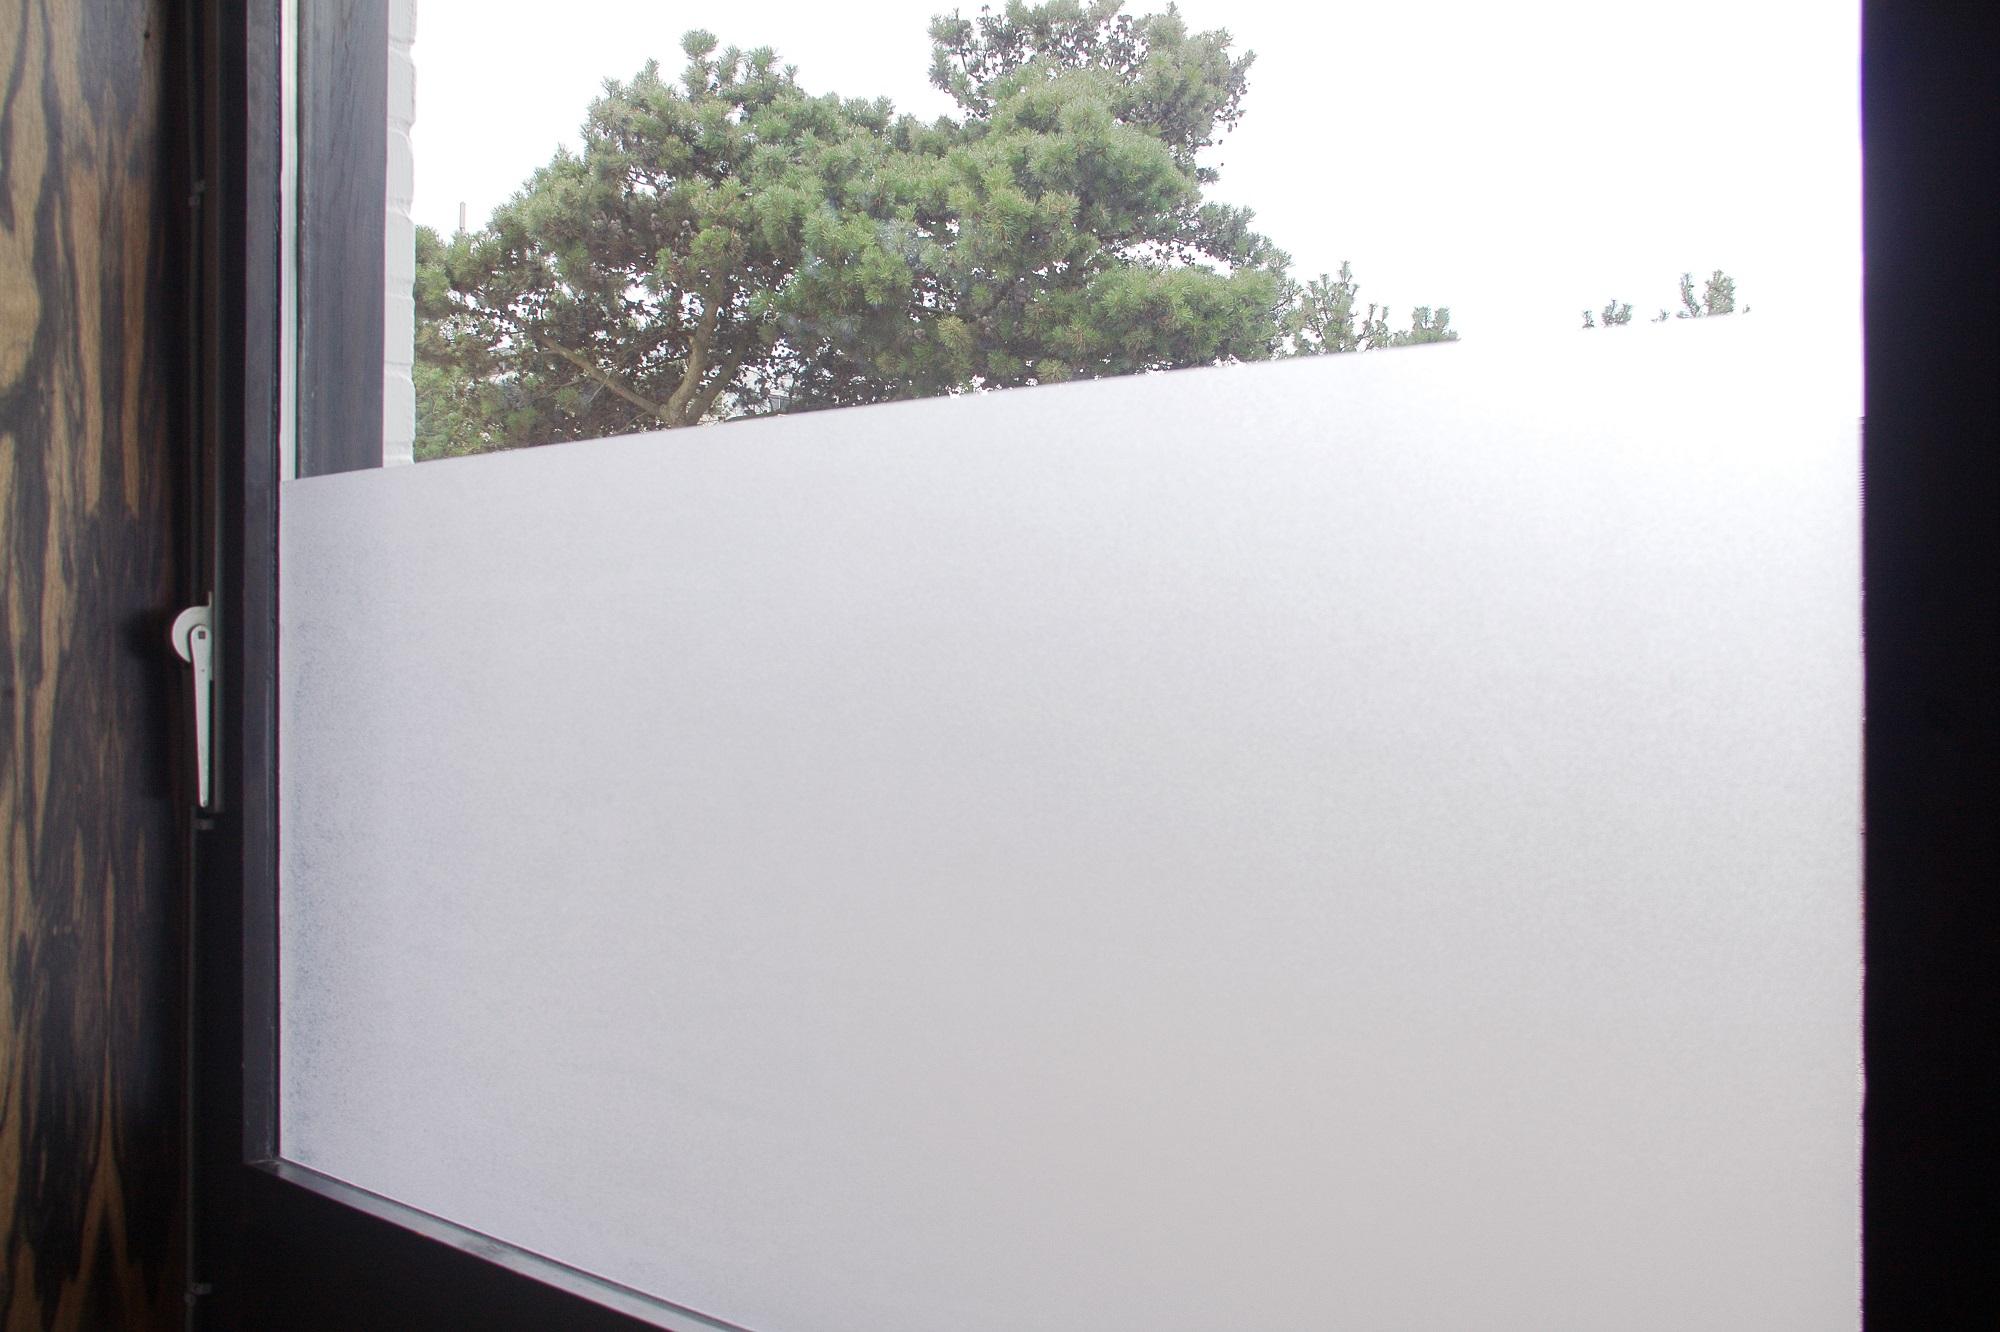 Statische fensterfolie 45cm bis 90cm breit sichtschutz milchglas selbstklebend ebay - Statische fensterfolie anbringen ...